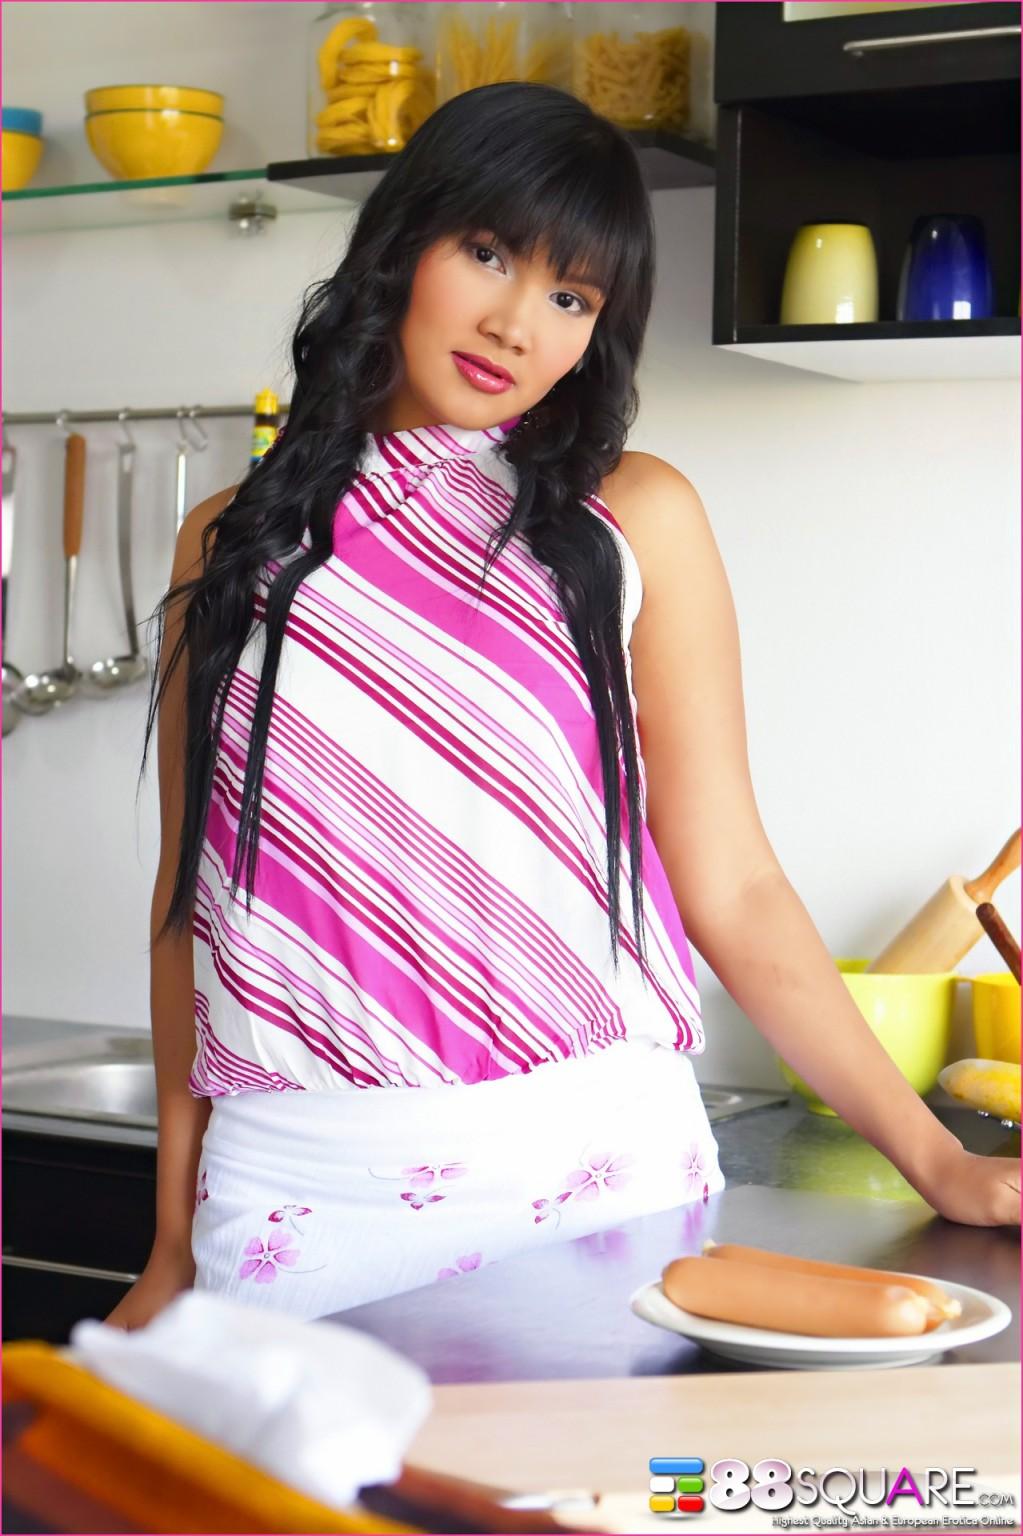 Брнетка Бетси Рю развлекается на кухне с едой, она надевает презерватив на сосиску и сует ее в пизду